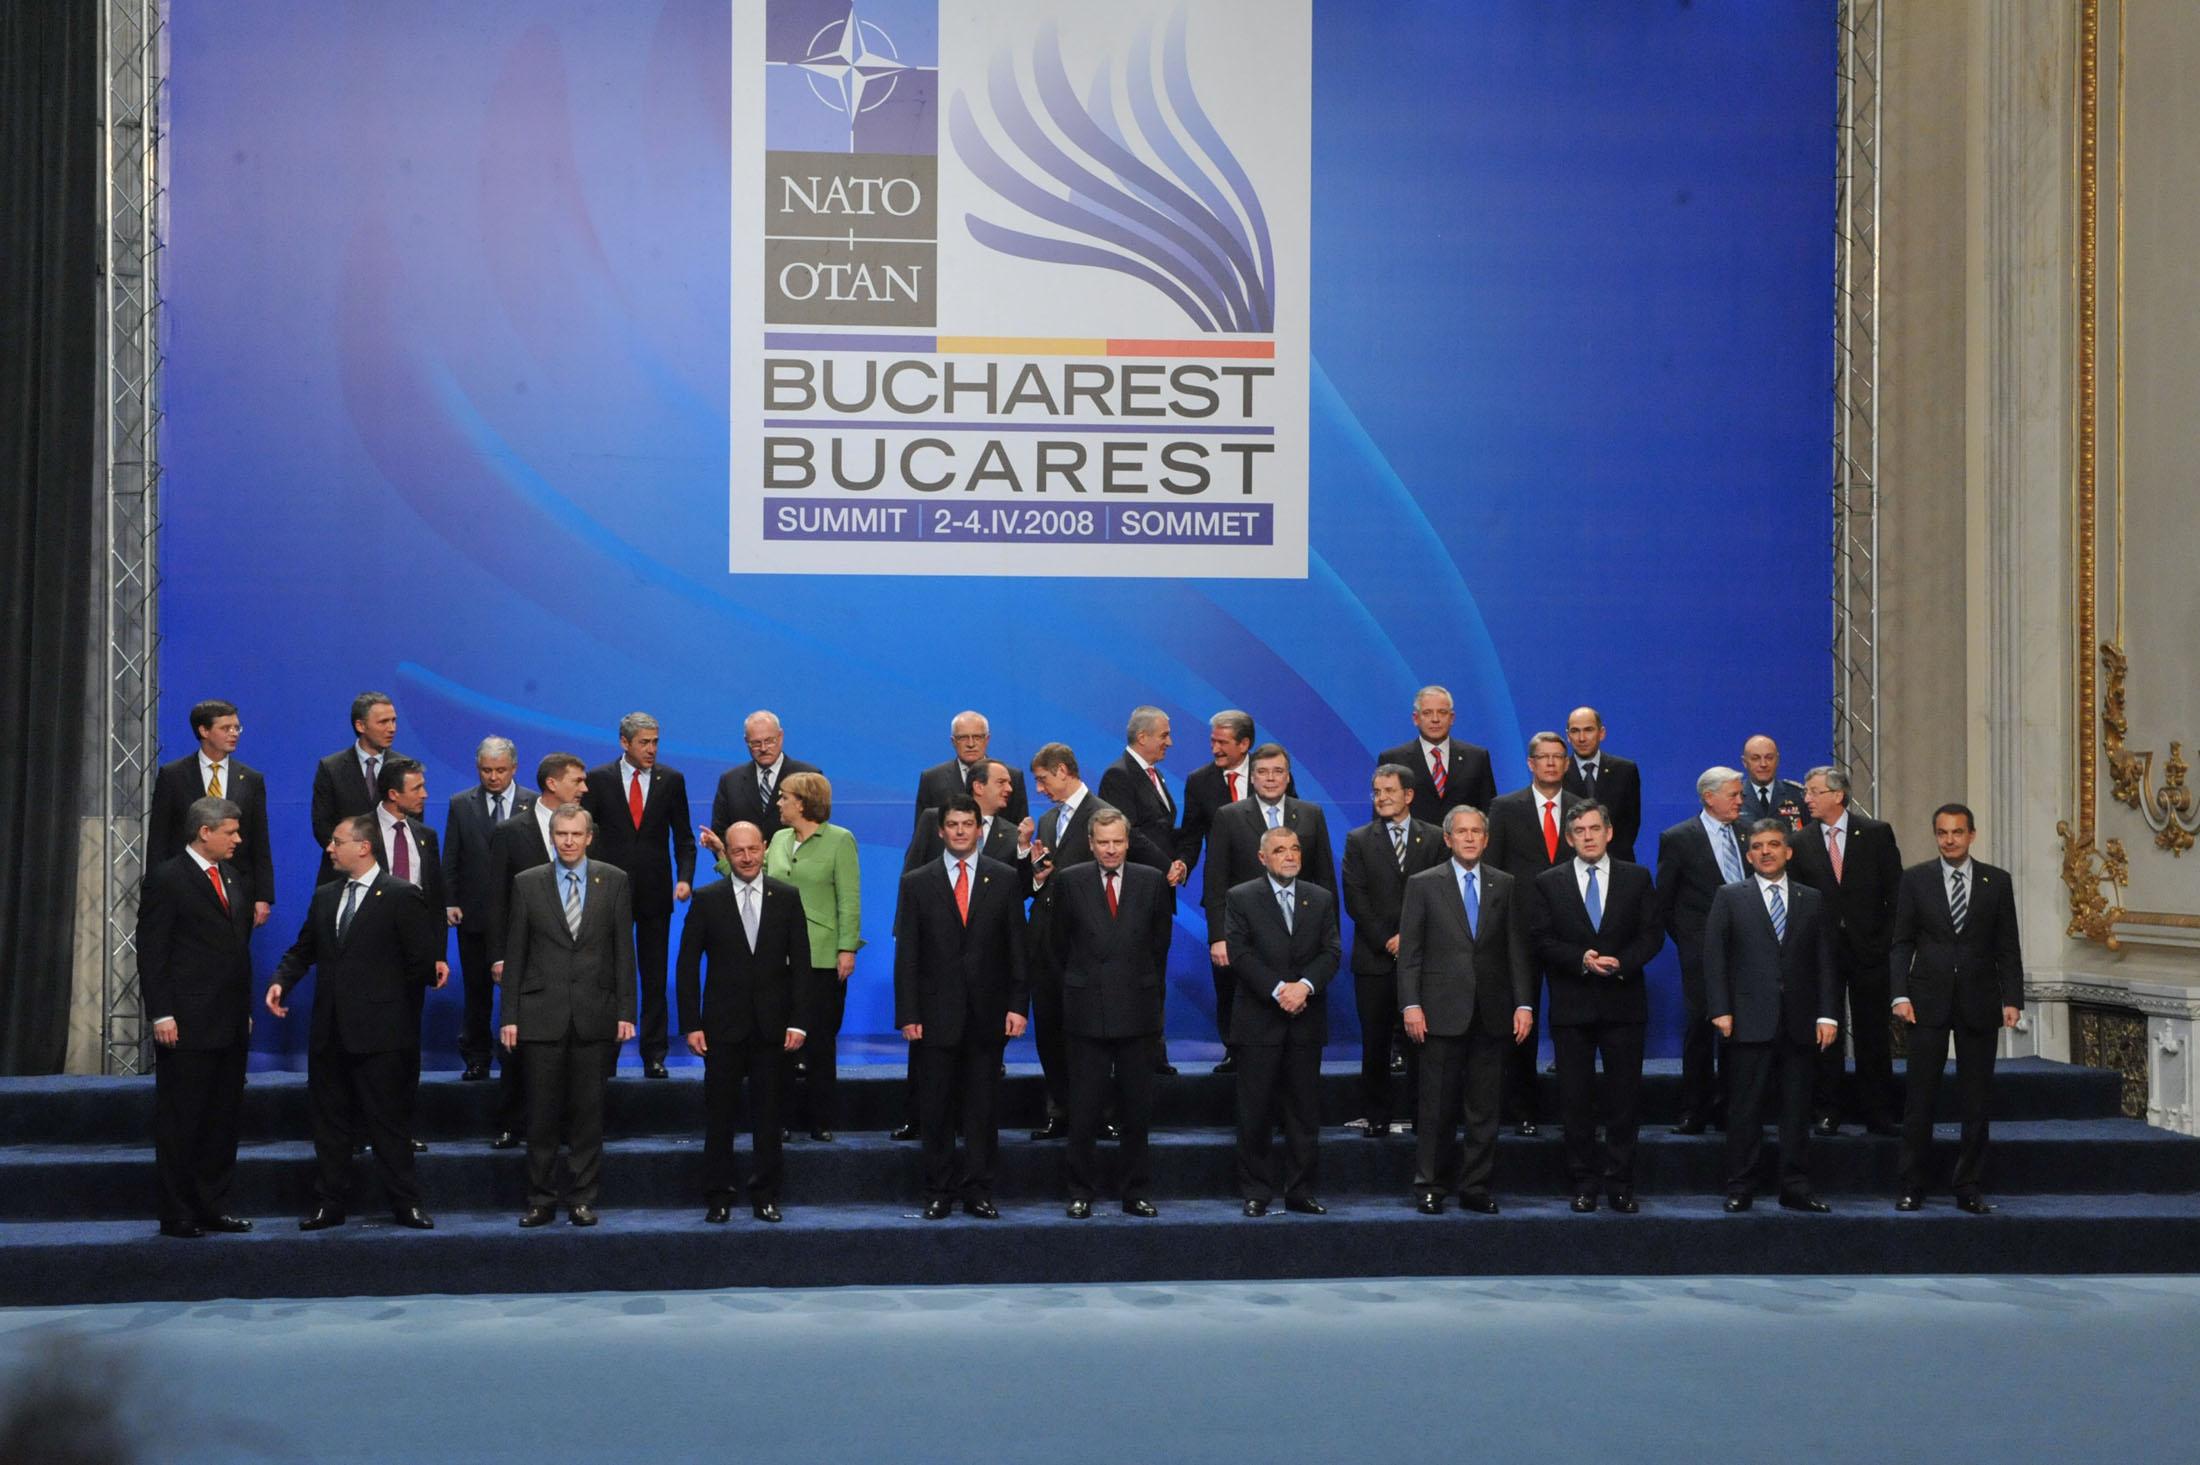 Astăzi se împlinesc zece ani de la summitul NATO de la București, cel mai  mare eveniment de politică externă organizat de România - caleaeuropeana.ro